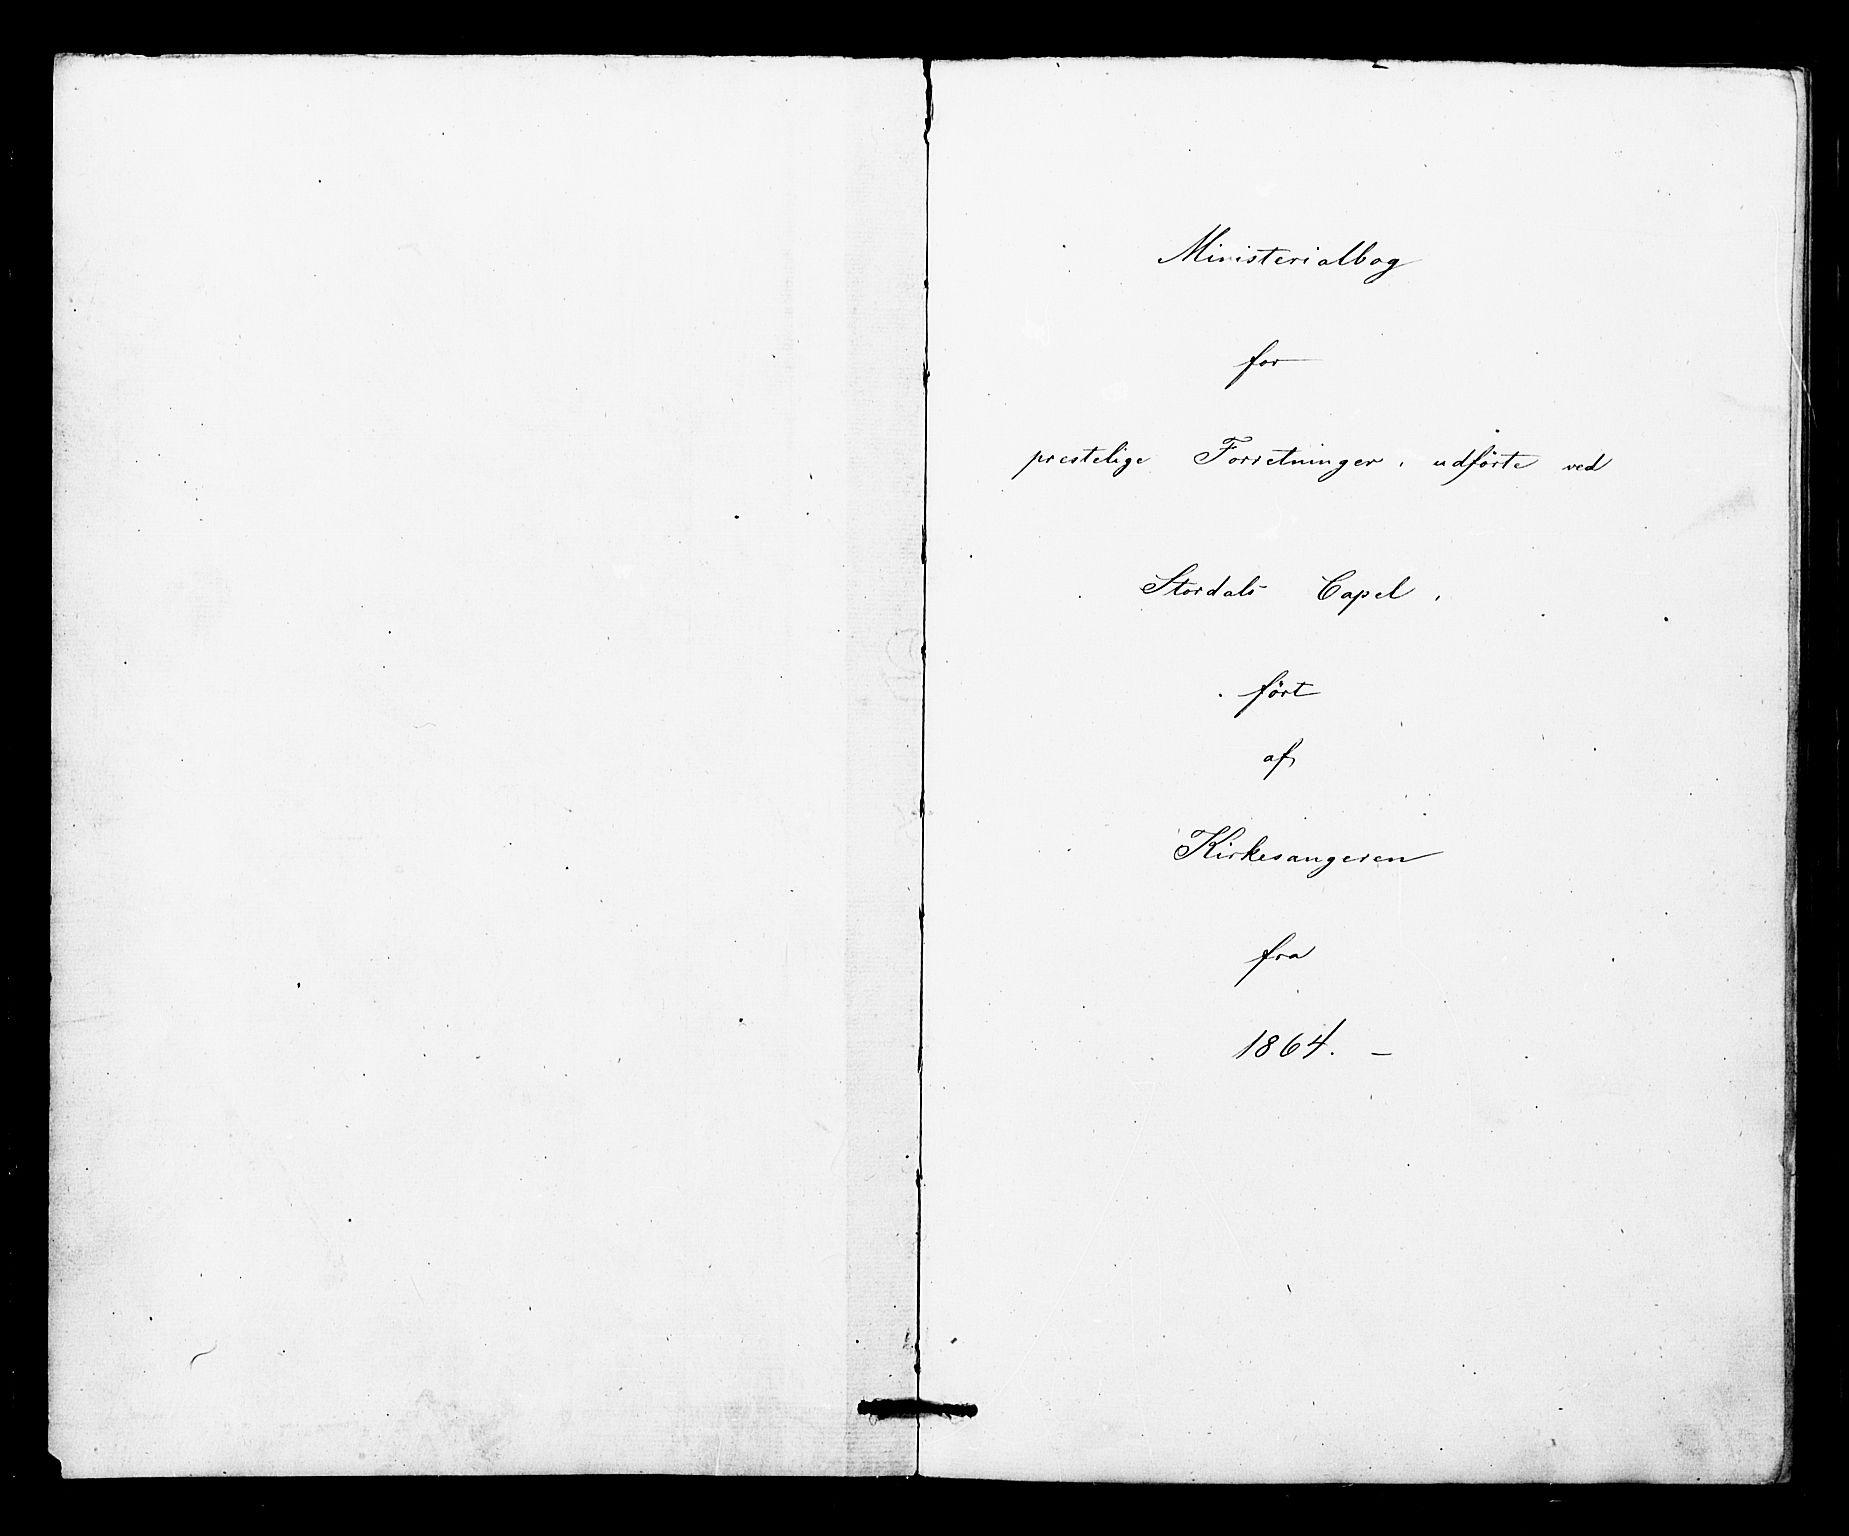 SAT, Ministerialprotokoller, klokkerbøker og fødselsregistre - Nord-Trøndelag, 707/L0052: Klokkerbok nr. 707C01, 1864-1897